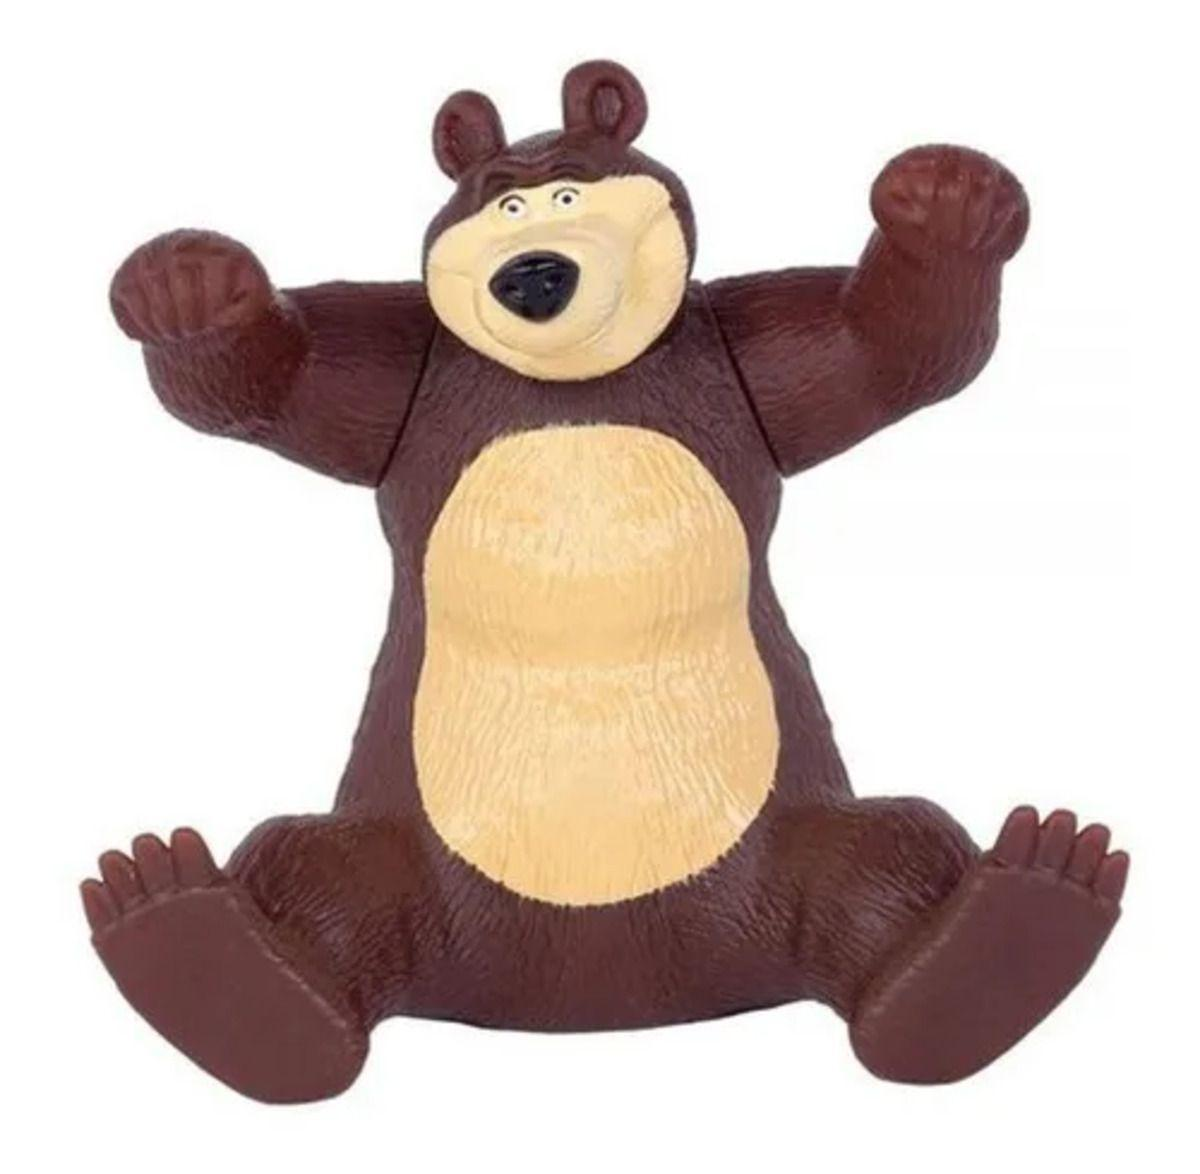 Boneco Urso Suporte Para Celular - Masha e o Urso Cotiplás  2466